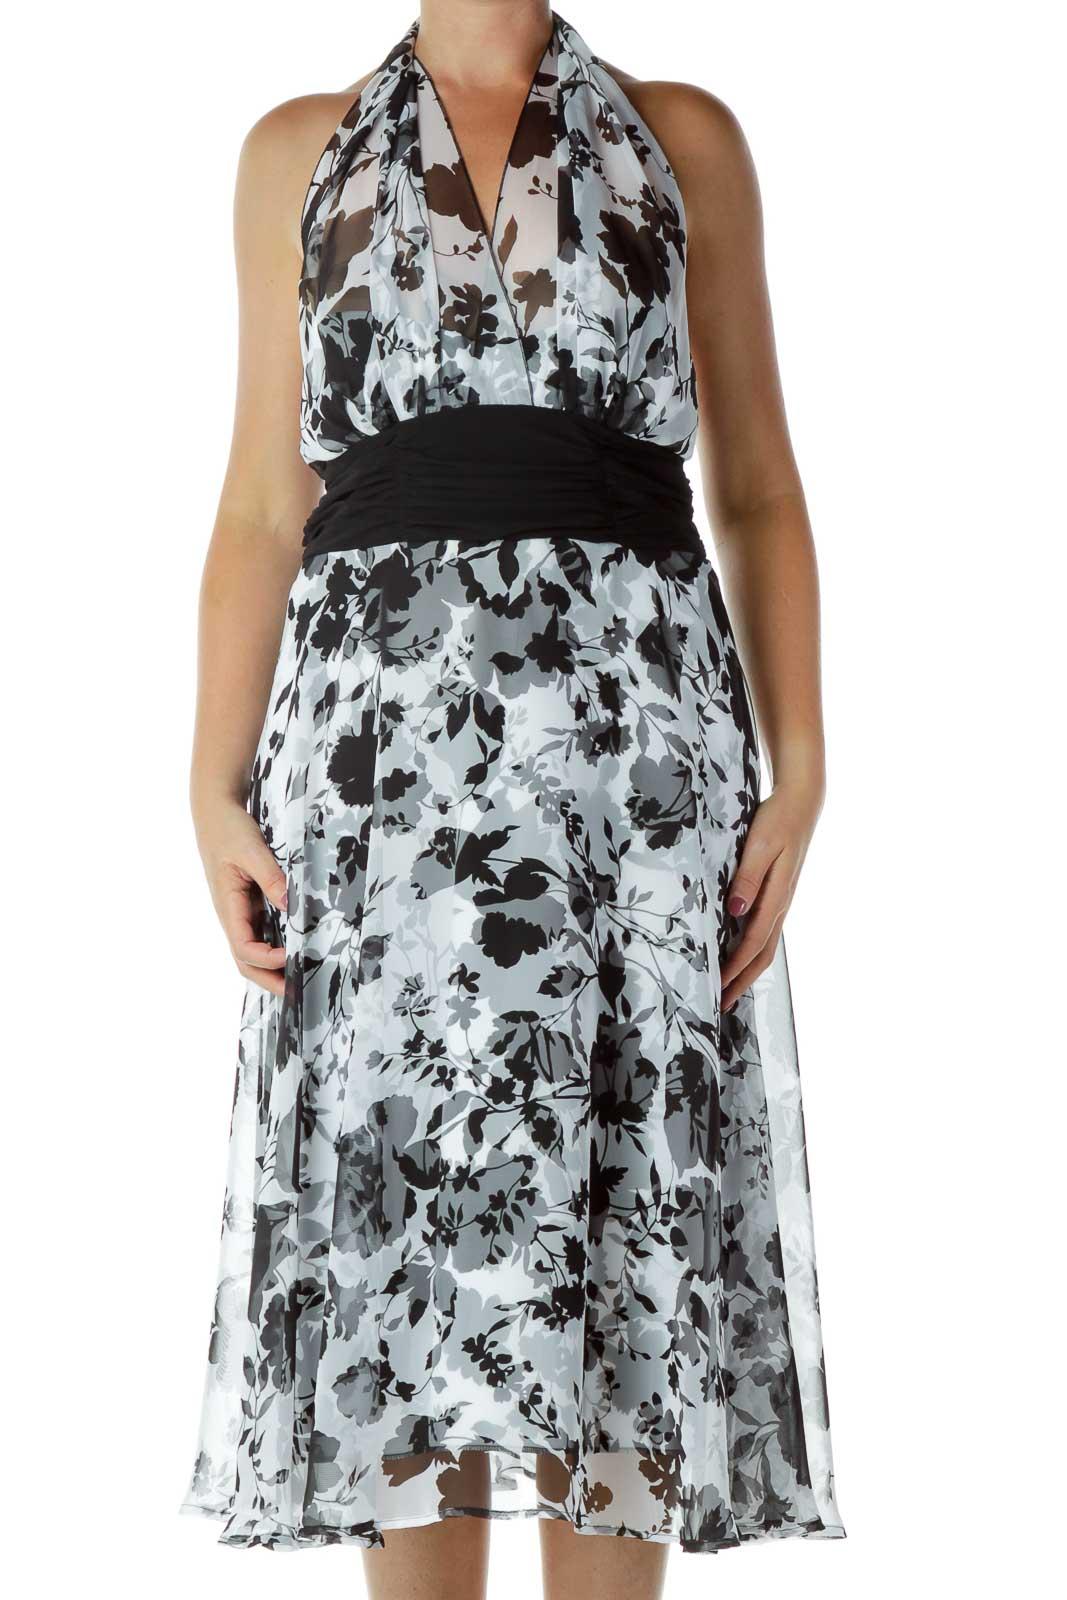 White Black Halter Floral Dress Front